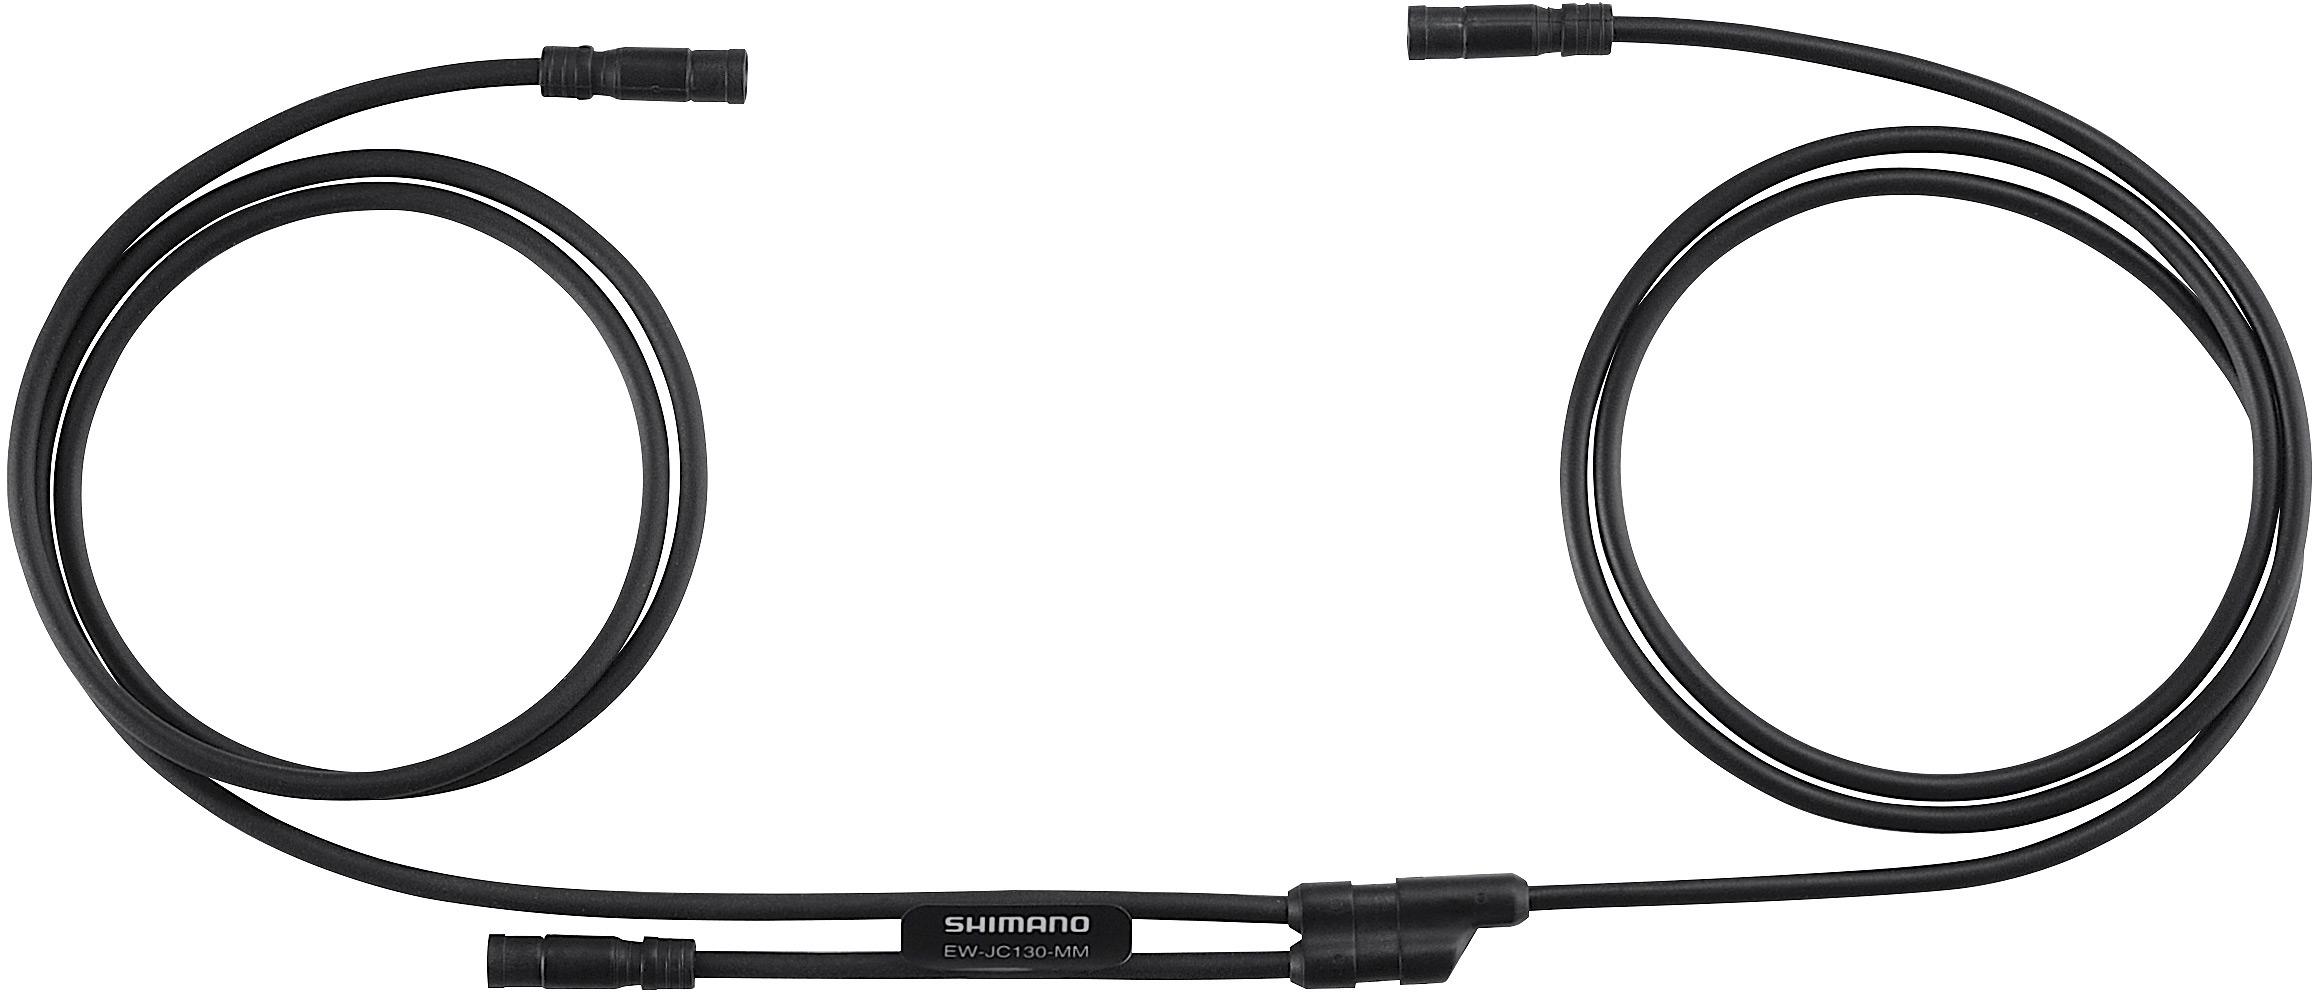 Shimano Di2 Ewjc130 Y Split Cable Parts Dave Mellor External Wiring Kit